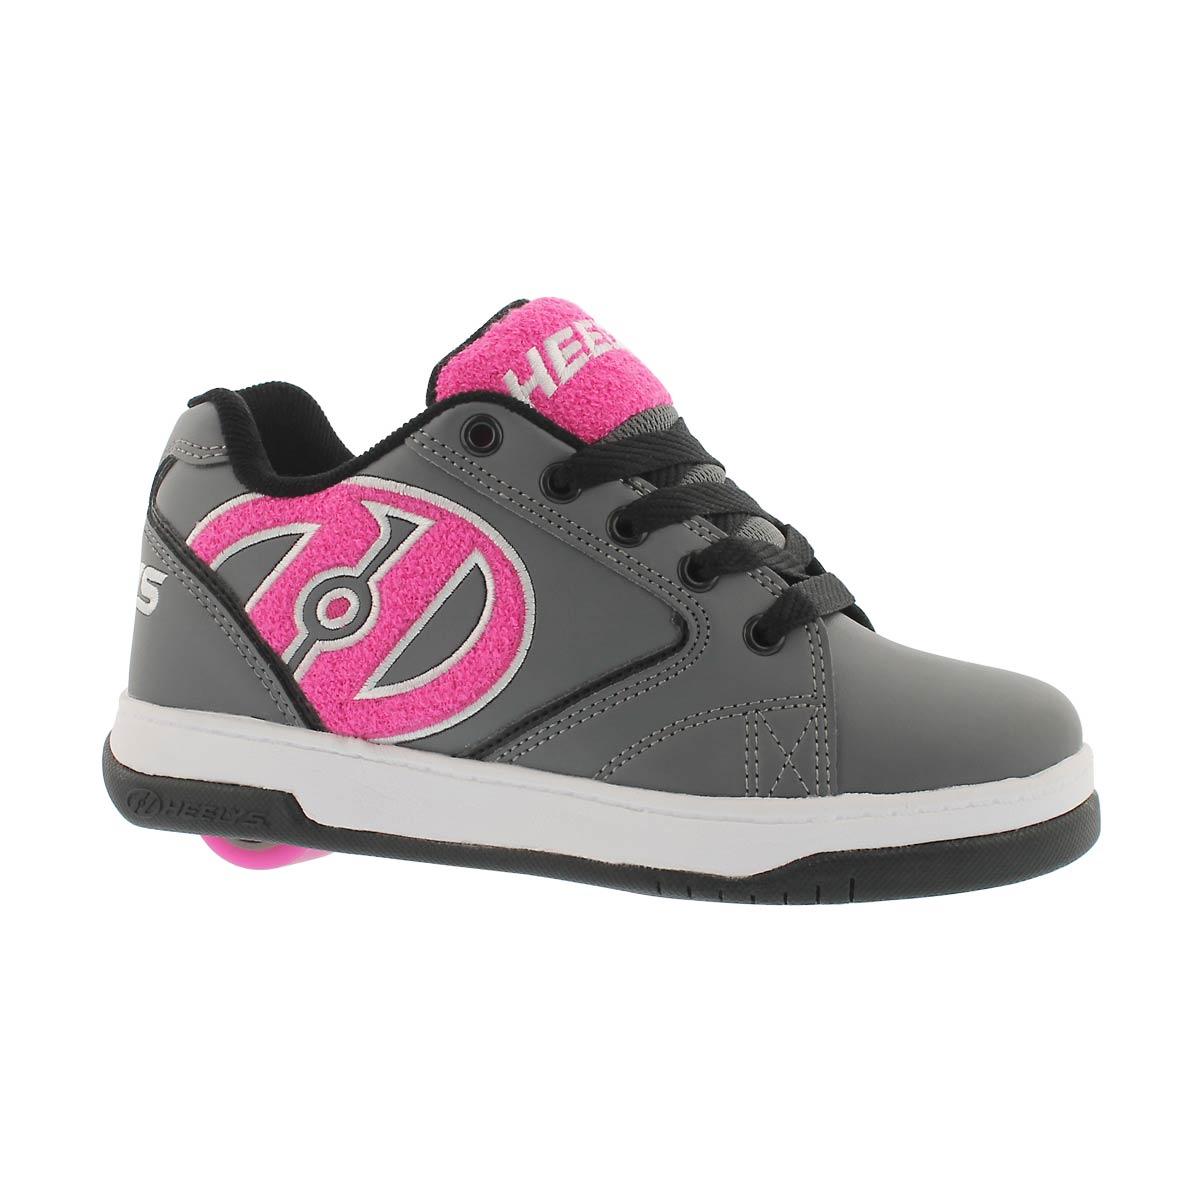 Girls' PROPEL TERRY grey/pink skate sneakers